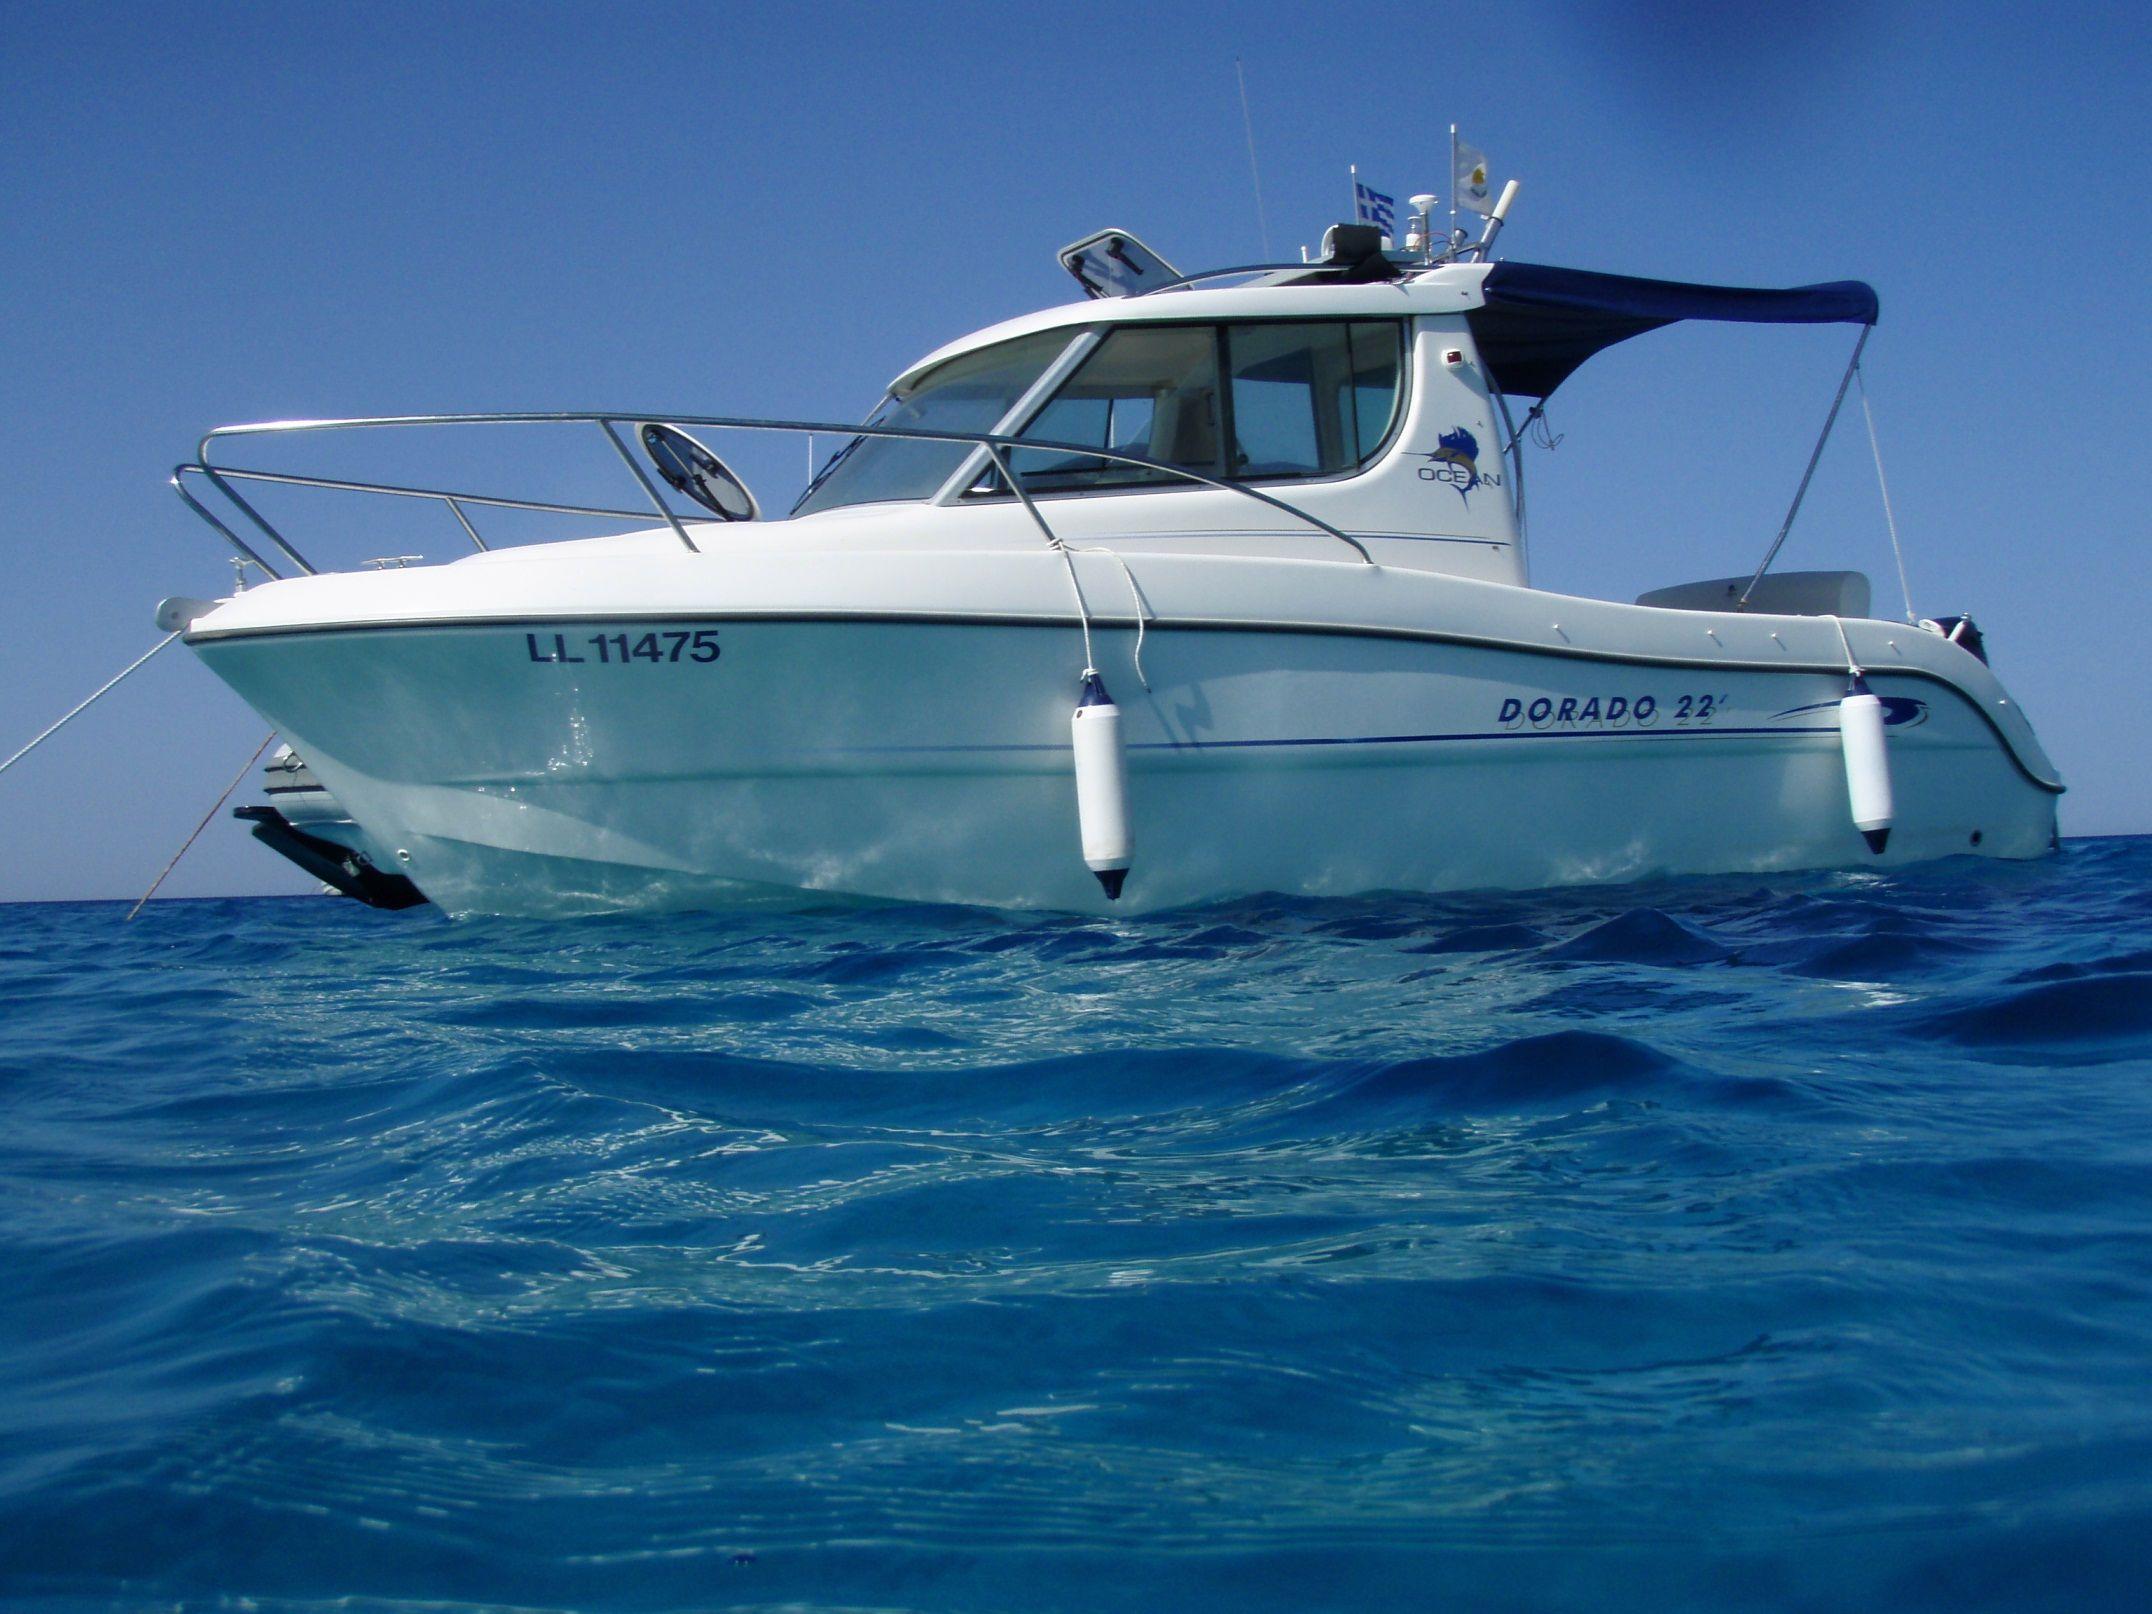 2004 Sessa Dorado 22 Power Boat For Sale Wwwyachtworldcom